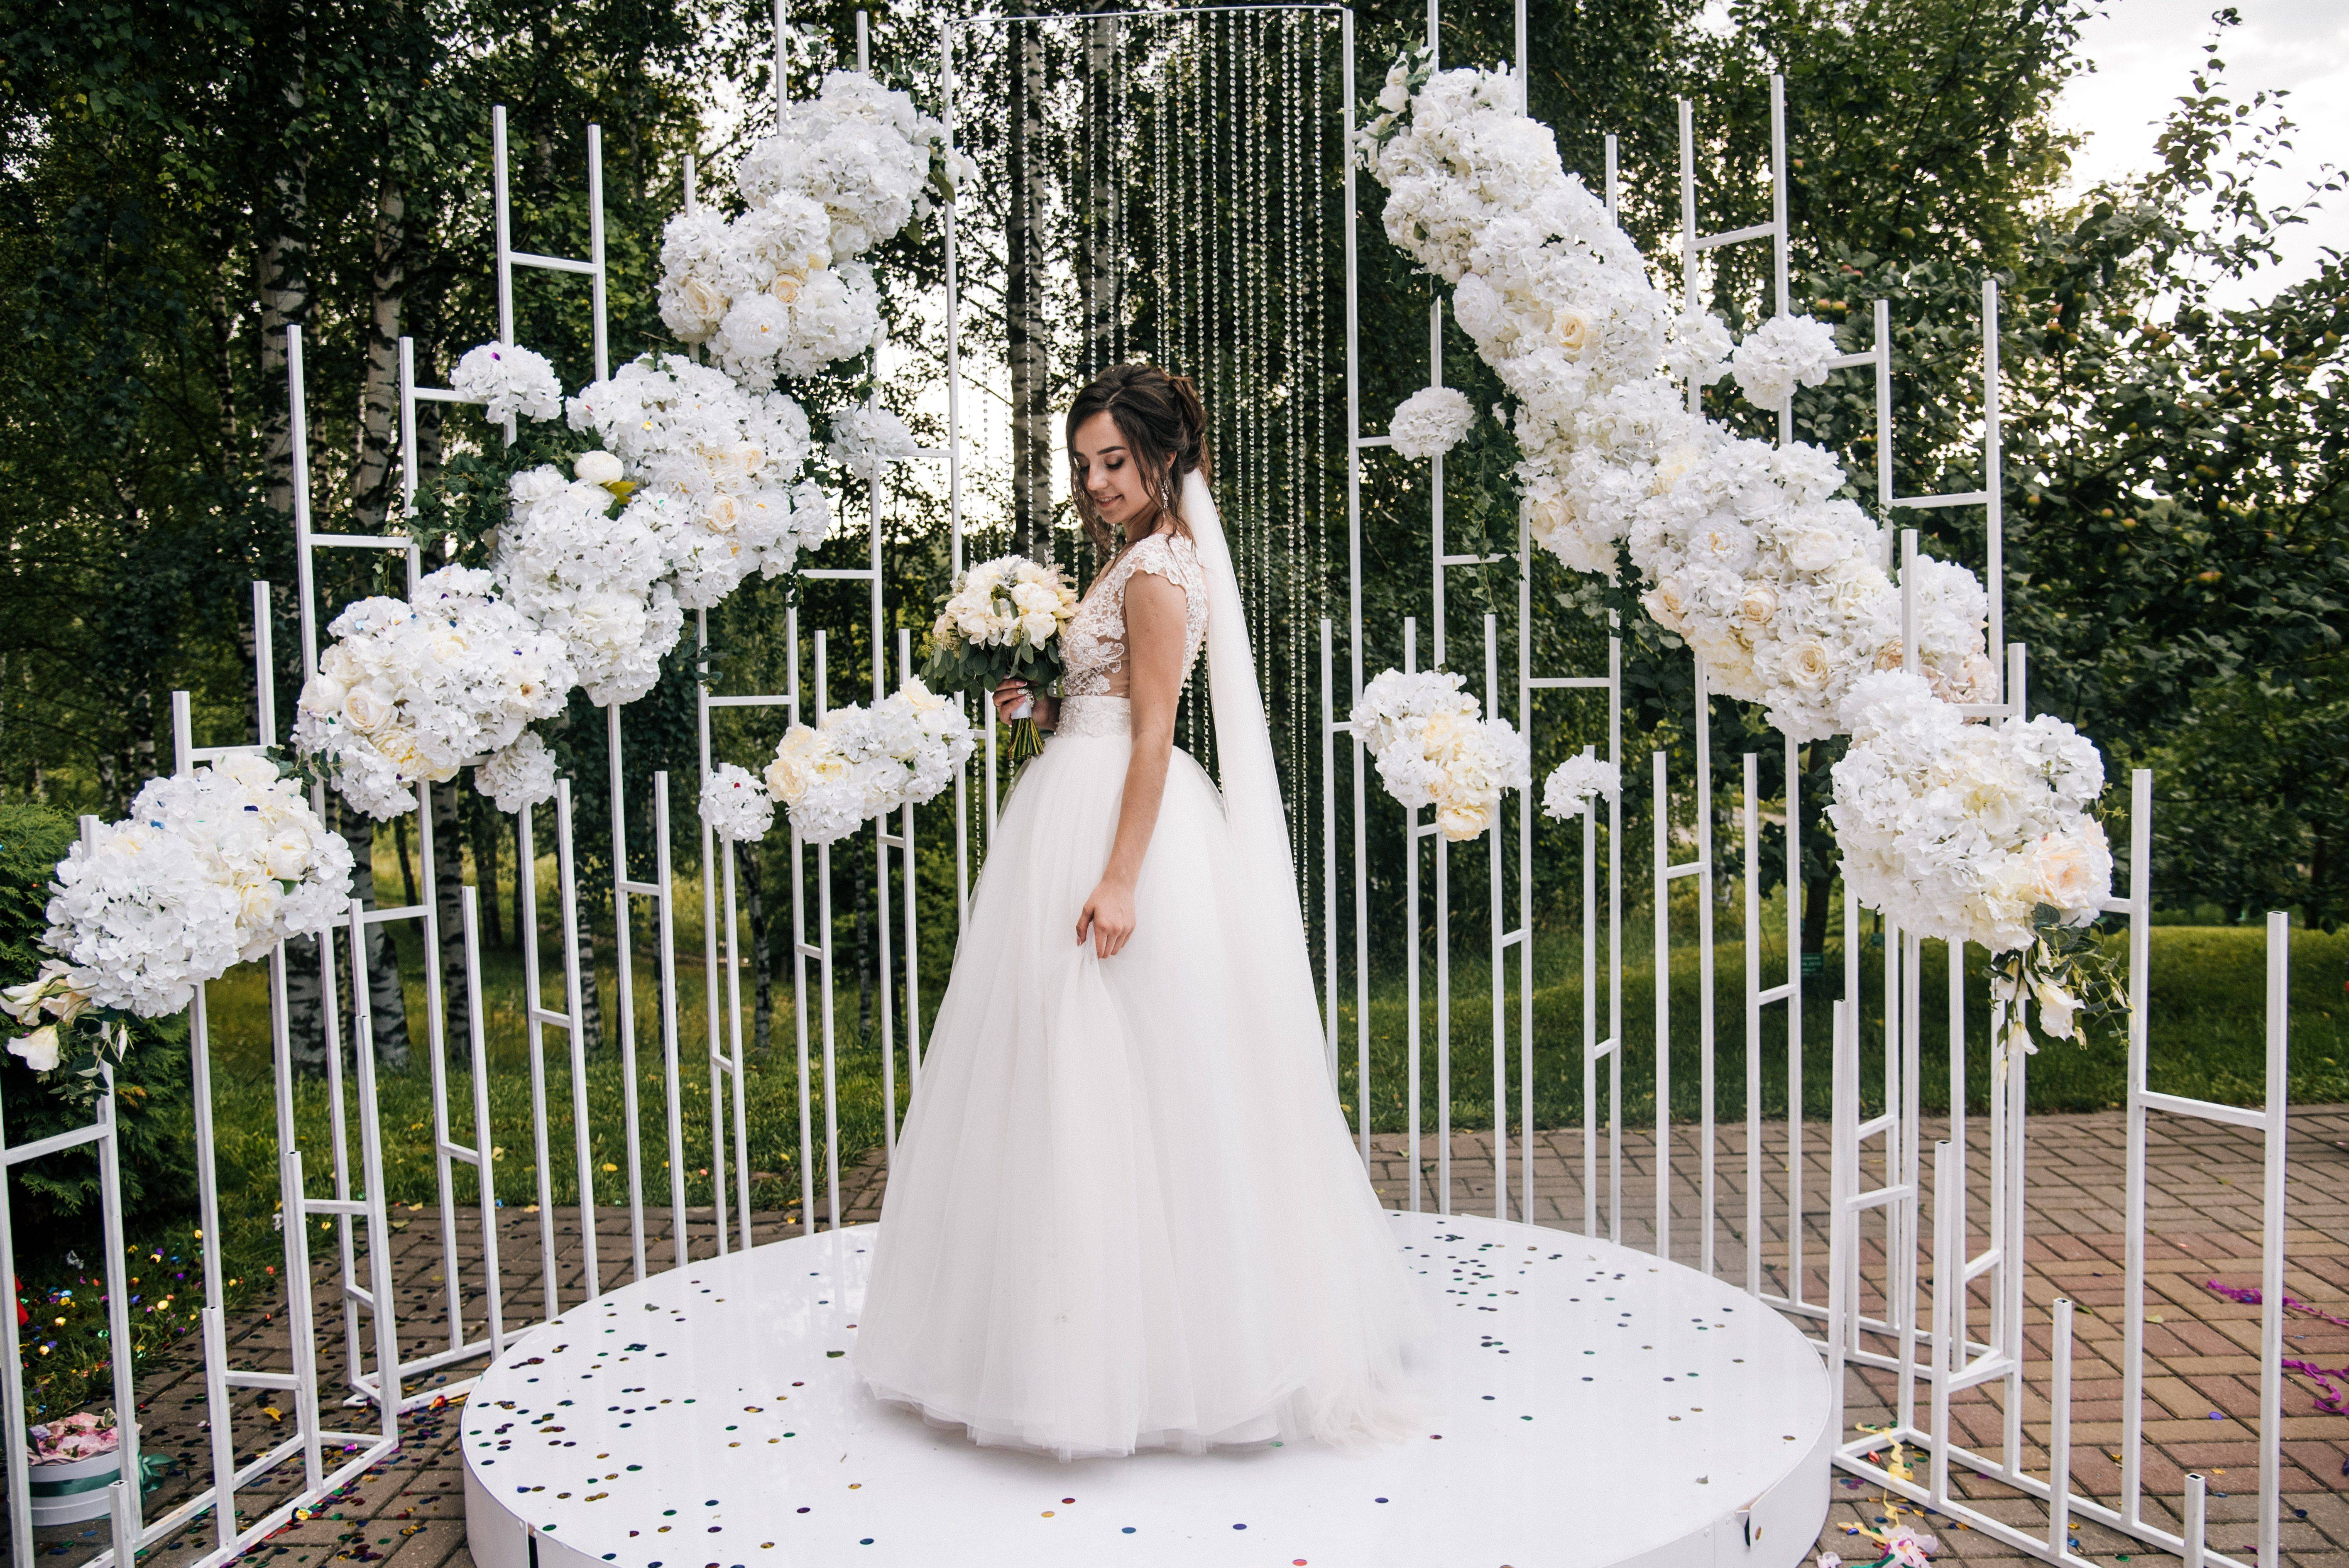 Свадьба в деревенском стиле: идеи оформления и фото